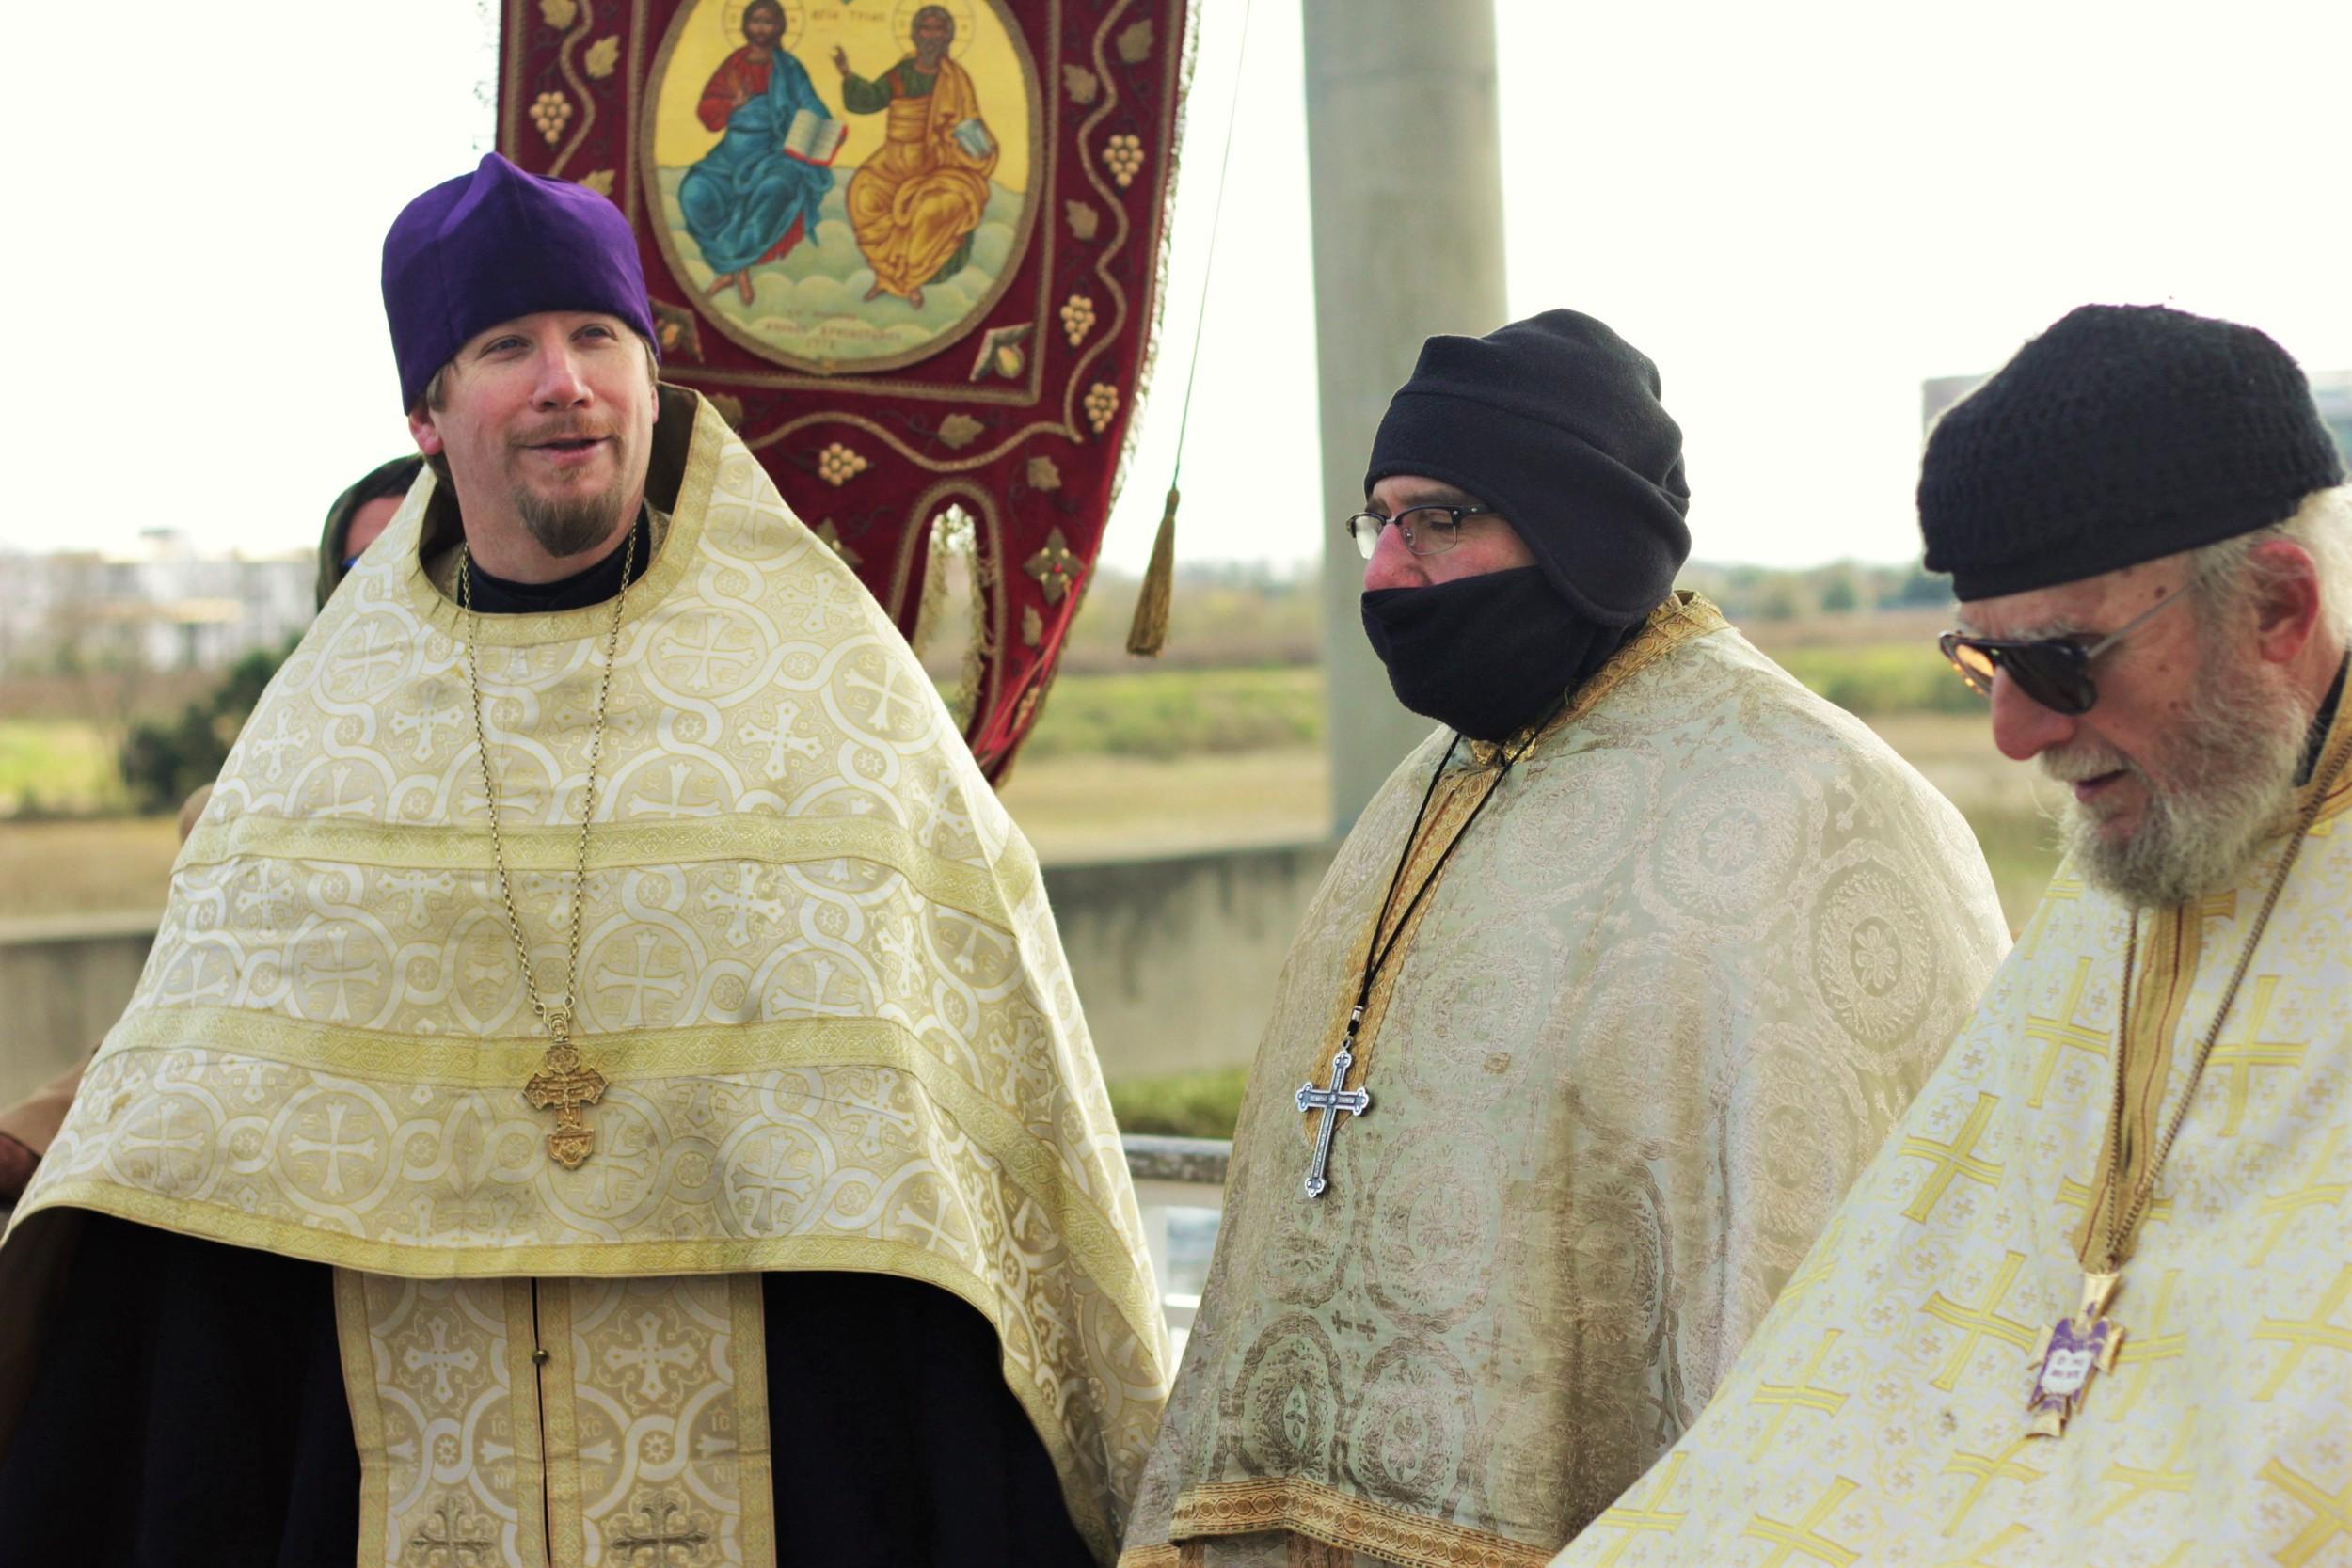 BlessWatersFrJand clergy.JPG